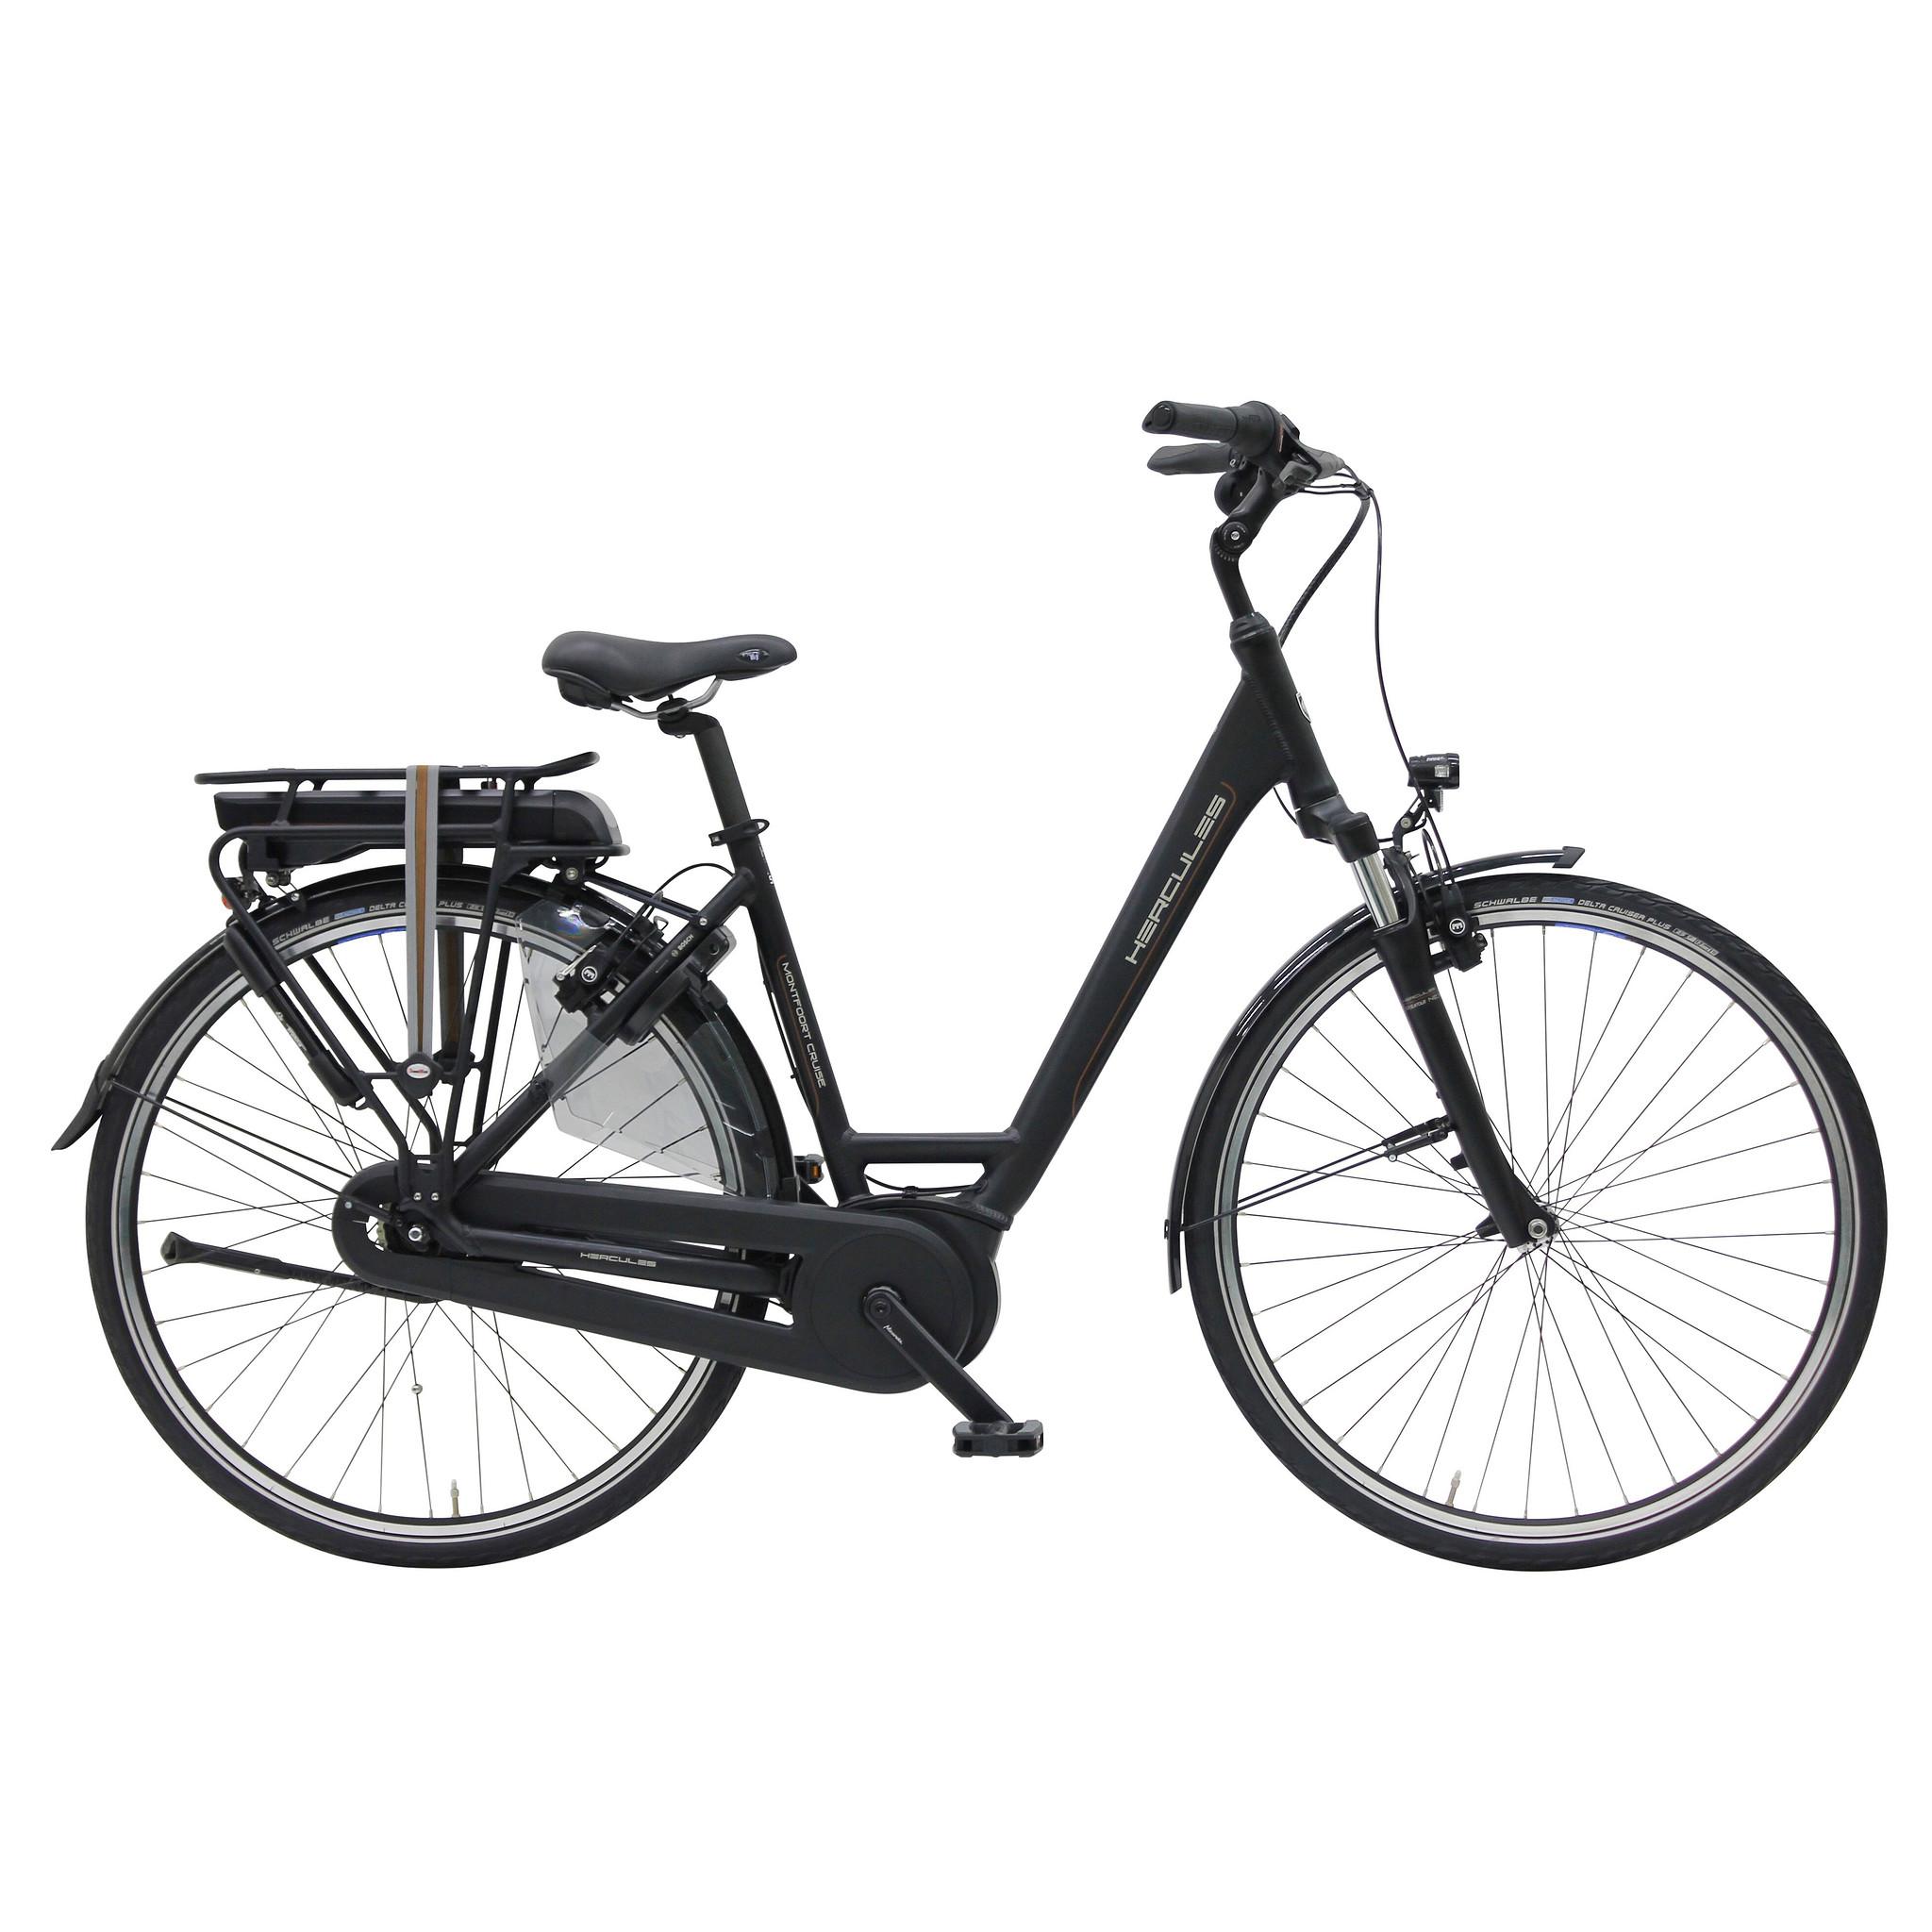 Hercules Elektrische fiets Montfoort Cruise dames mat zwart 45cm... Zwart